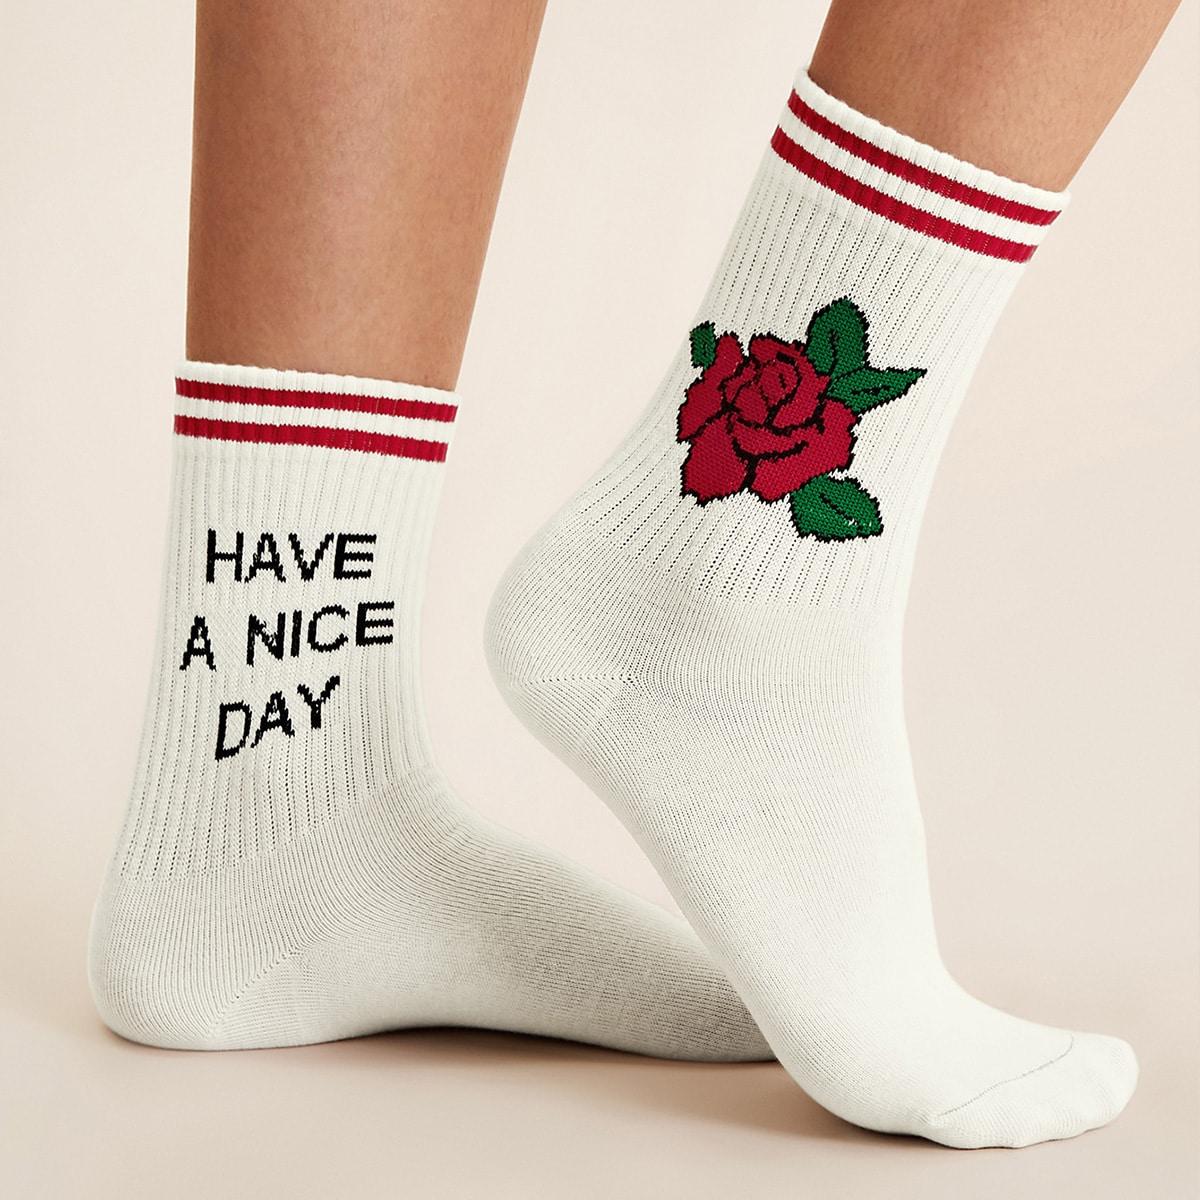 SHEIN / 1 Paare Buchstaben & Rose Muster Socken